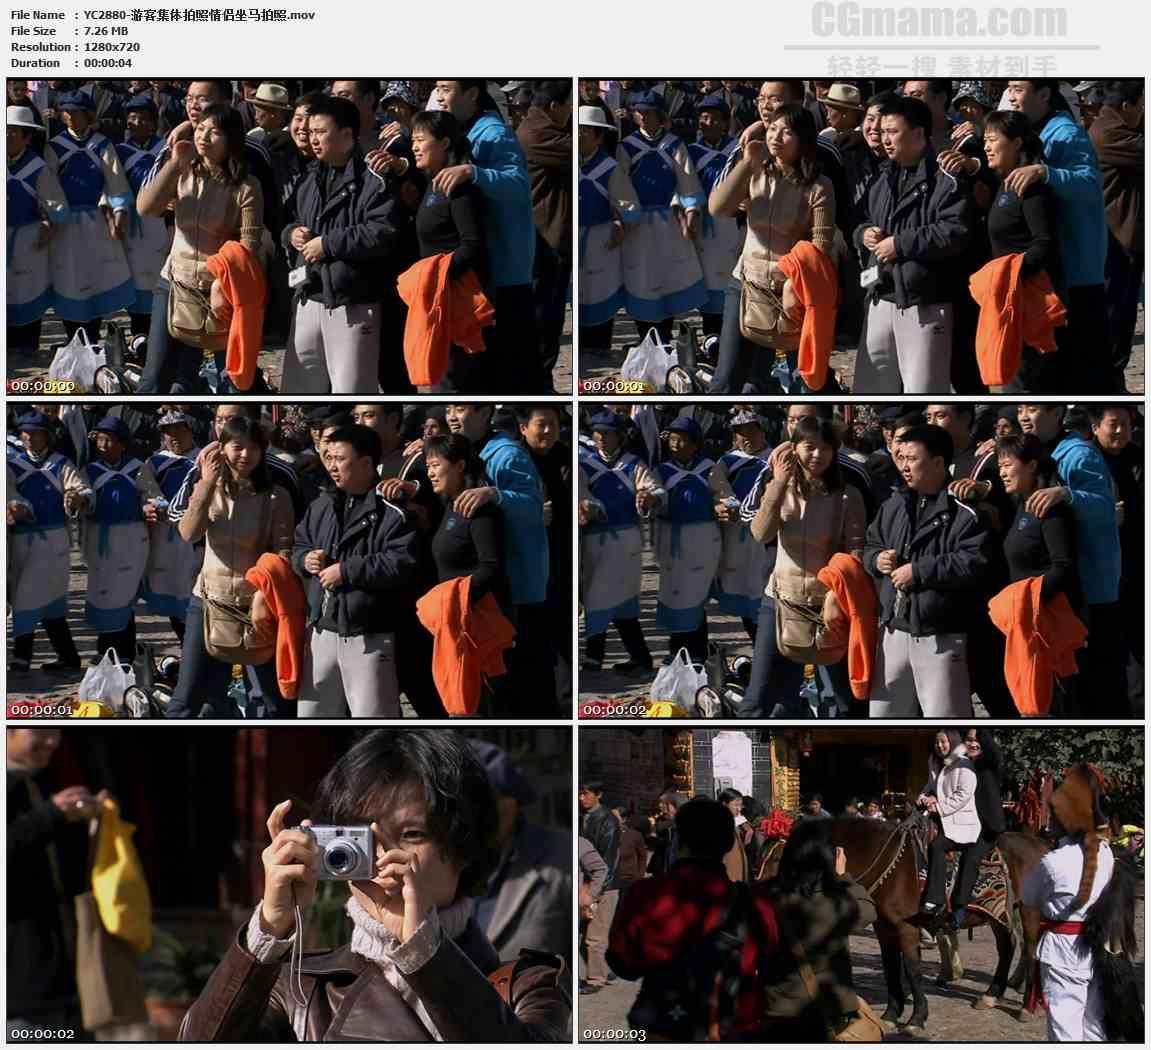 YC2880-云南丽江游客集体拍照情侣坐马拍照高清实拍视频素材